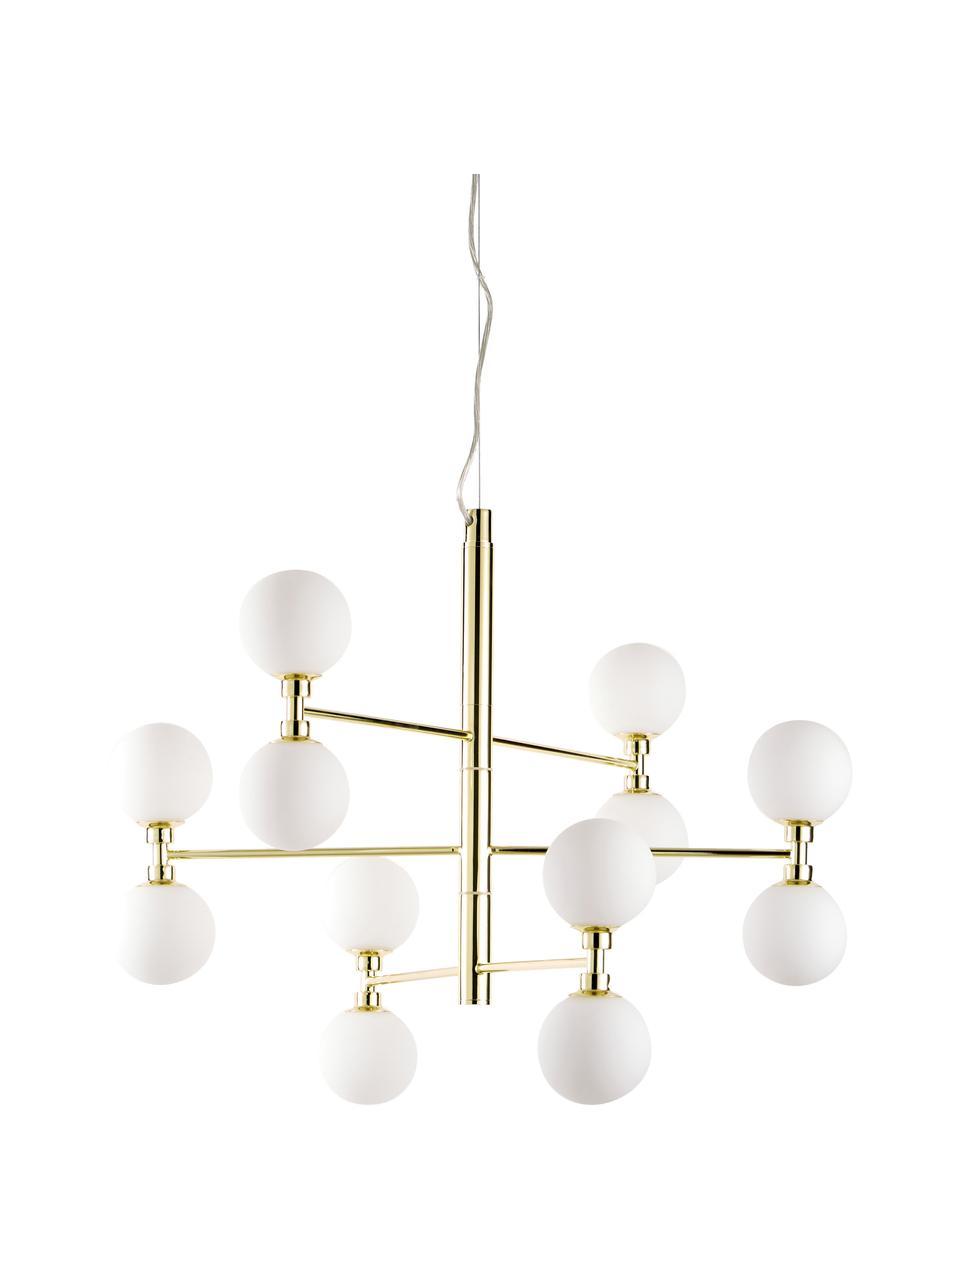 Veľká závesná lampa so sklenenými guľami Grover, Odtiene zlatej